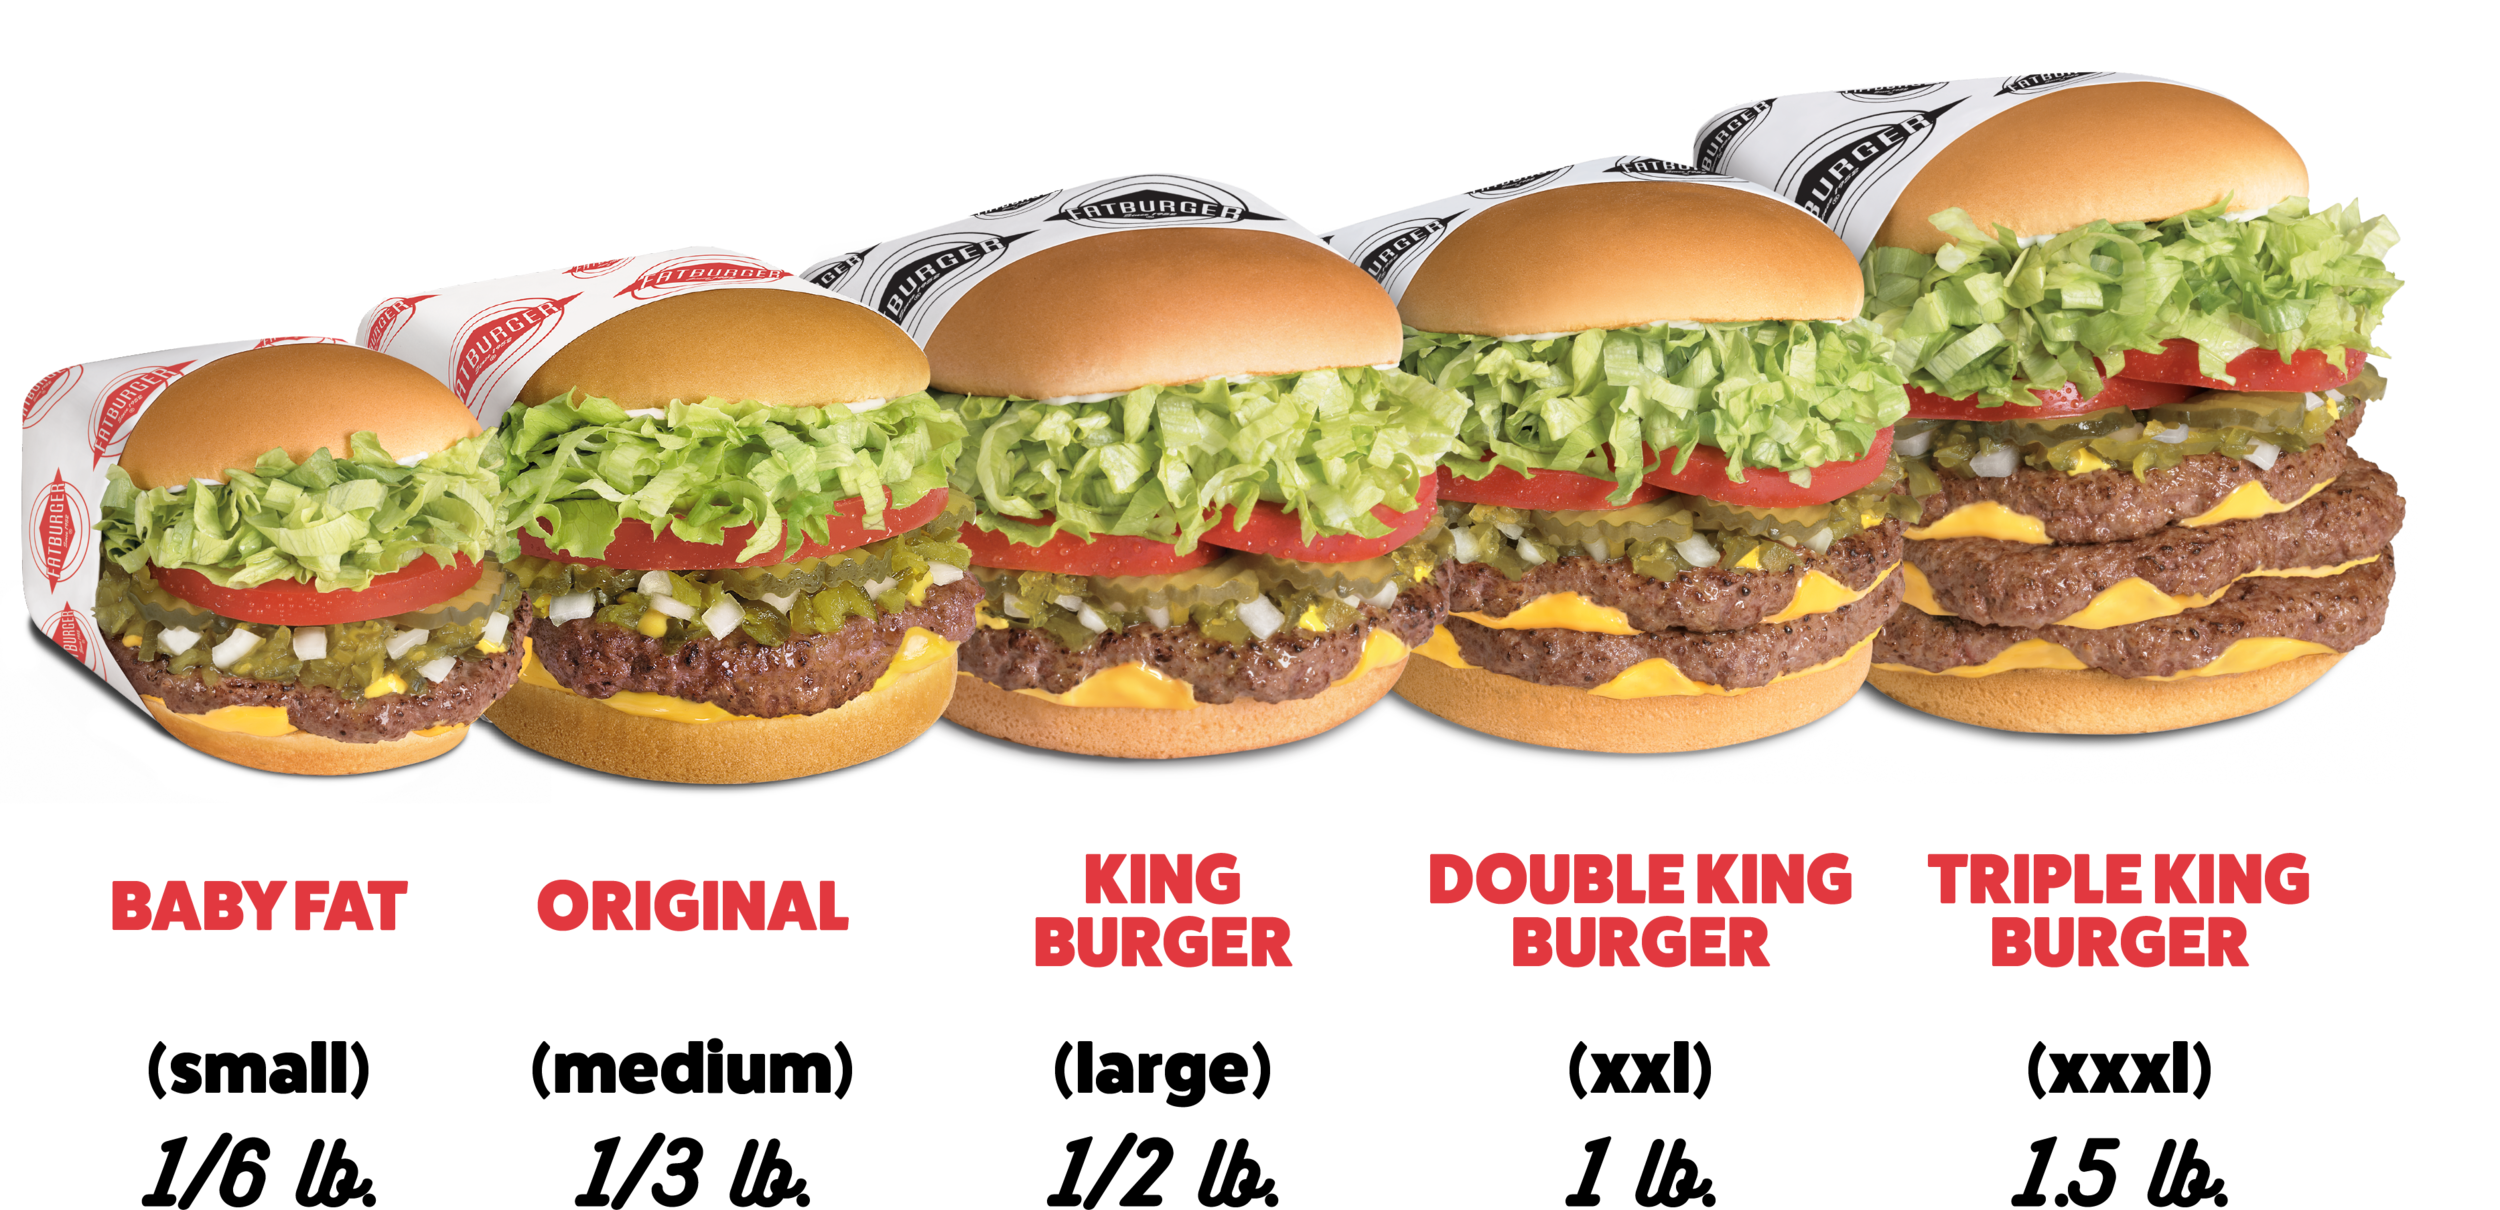 Baby Fat, 1/6 lb, Original 1/3 lb., King Burger 1/2 lb., Double King Burger 1lb, Triple King Burger 1.5 lb.